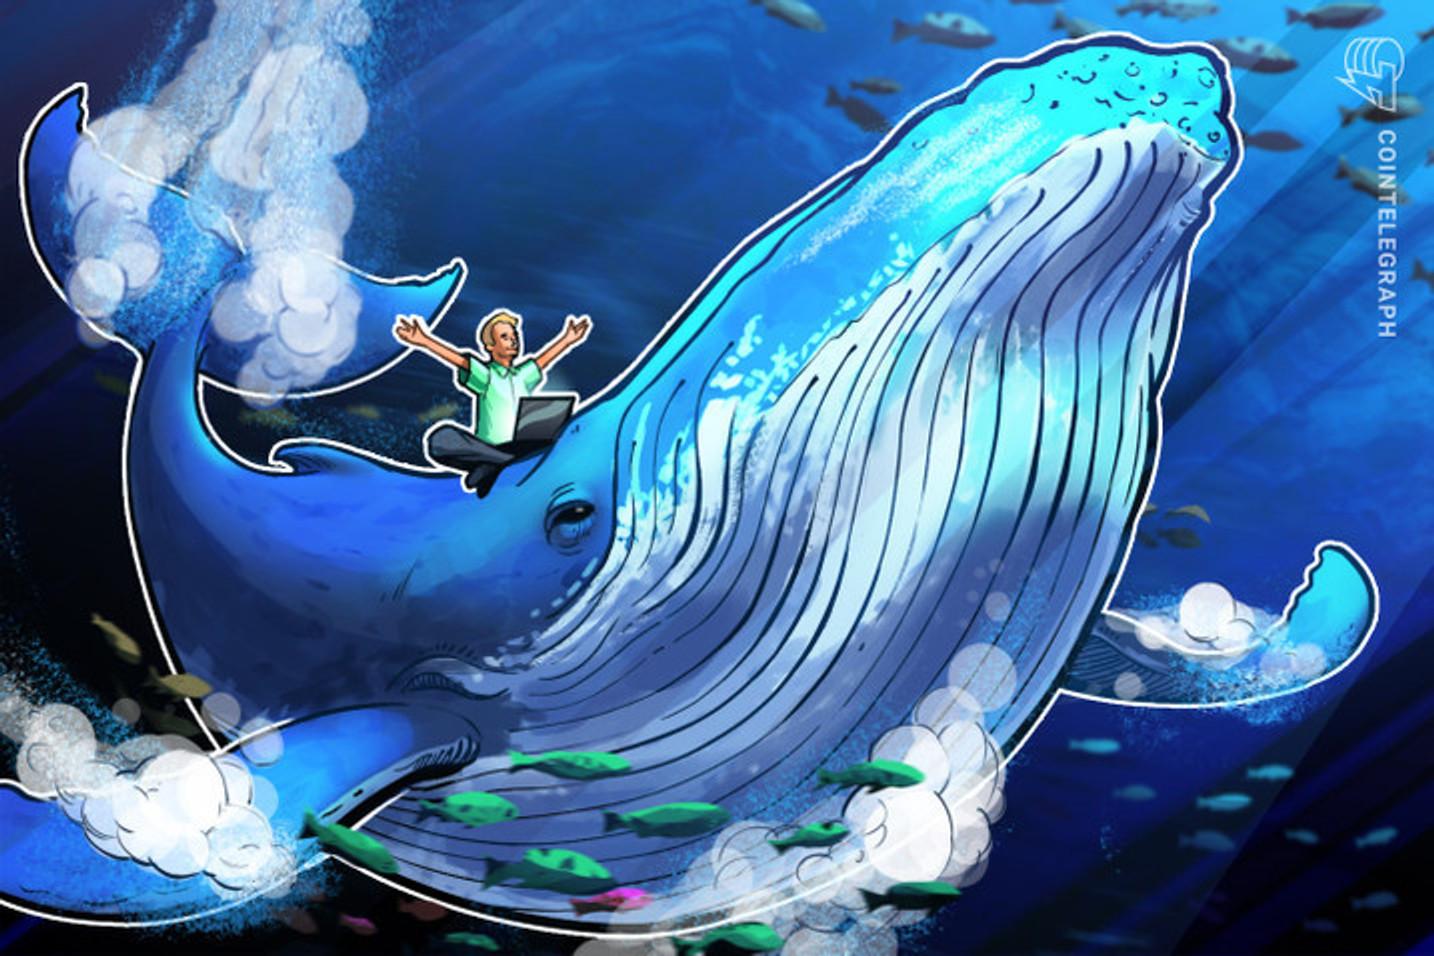 Un niño de 12 años se hace millonario vendiendo NFT con diseños de ballenas y una roca invisible que se vende por 66 Ethereum